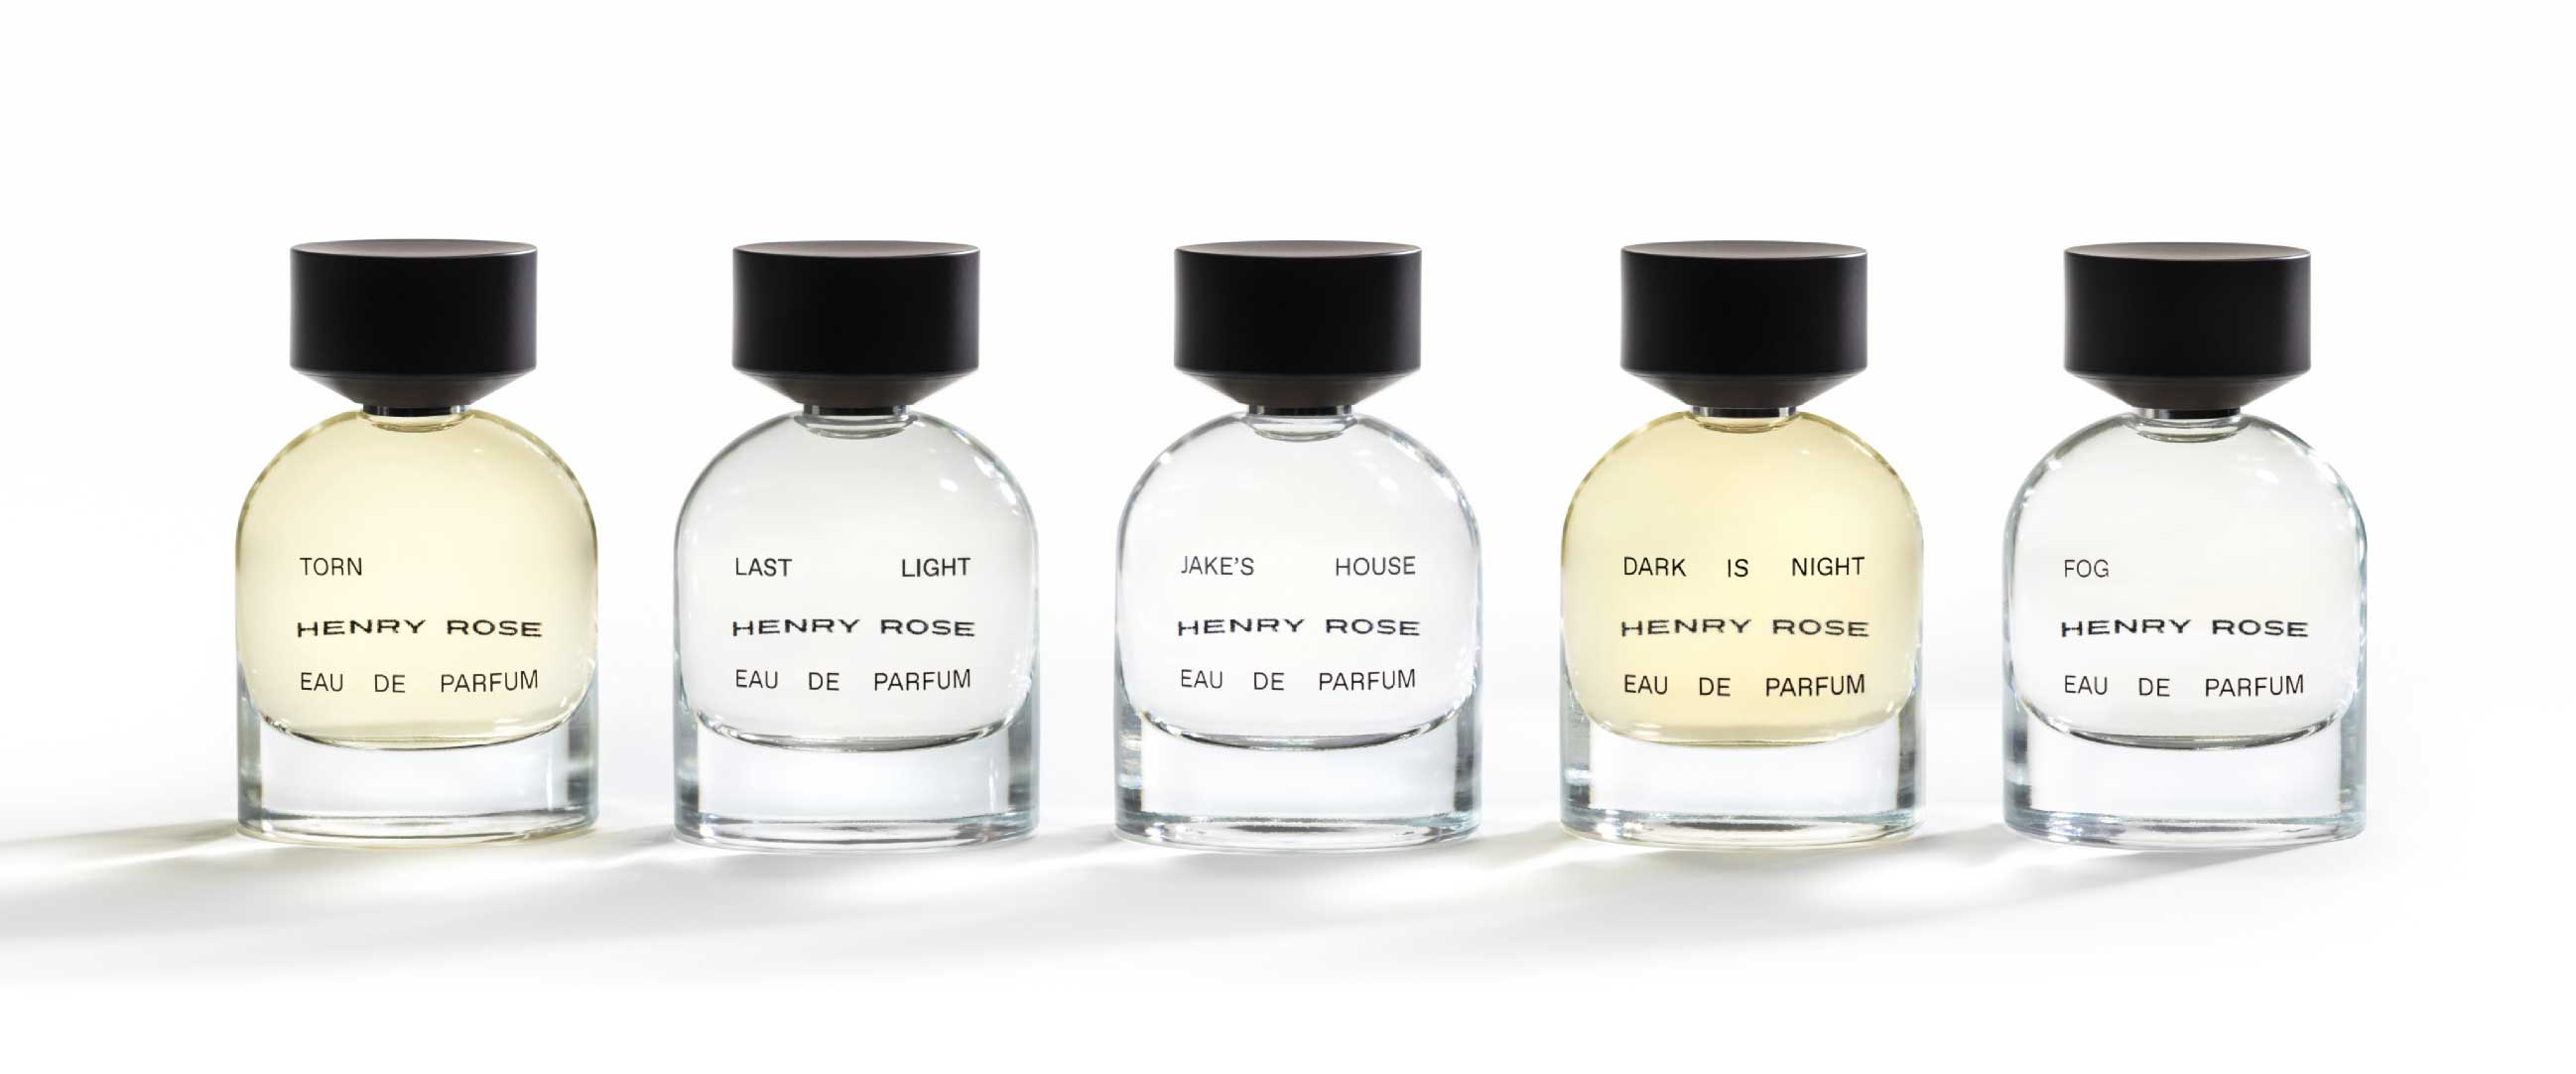 Last Light Henry Rose Perfume A New Fragrance For Women And Men 2019